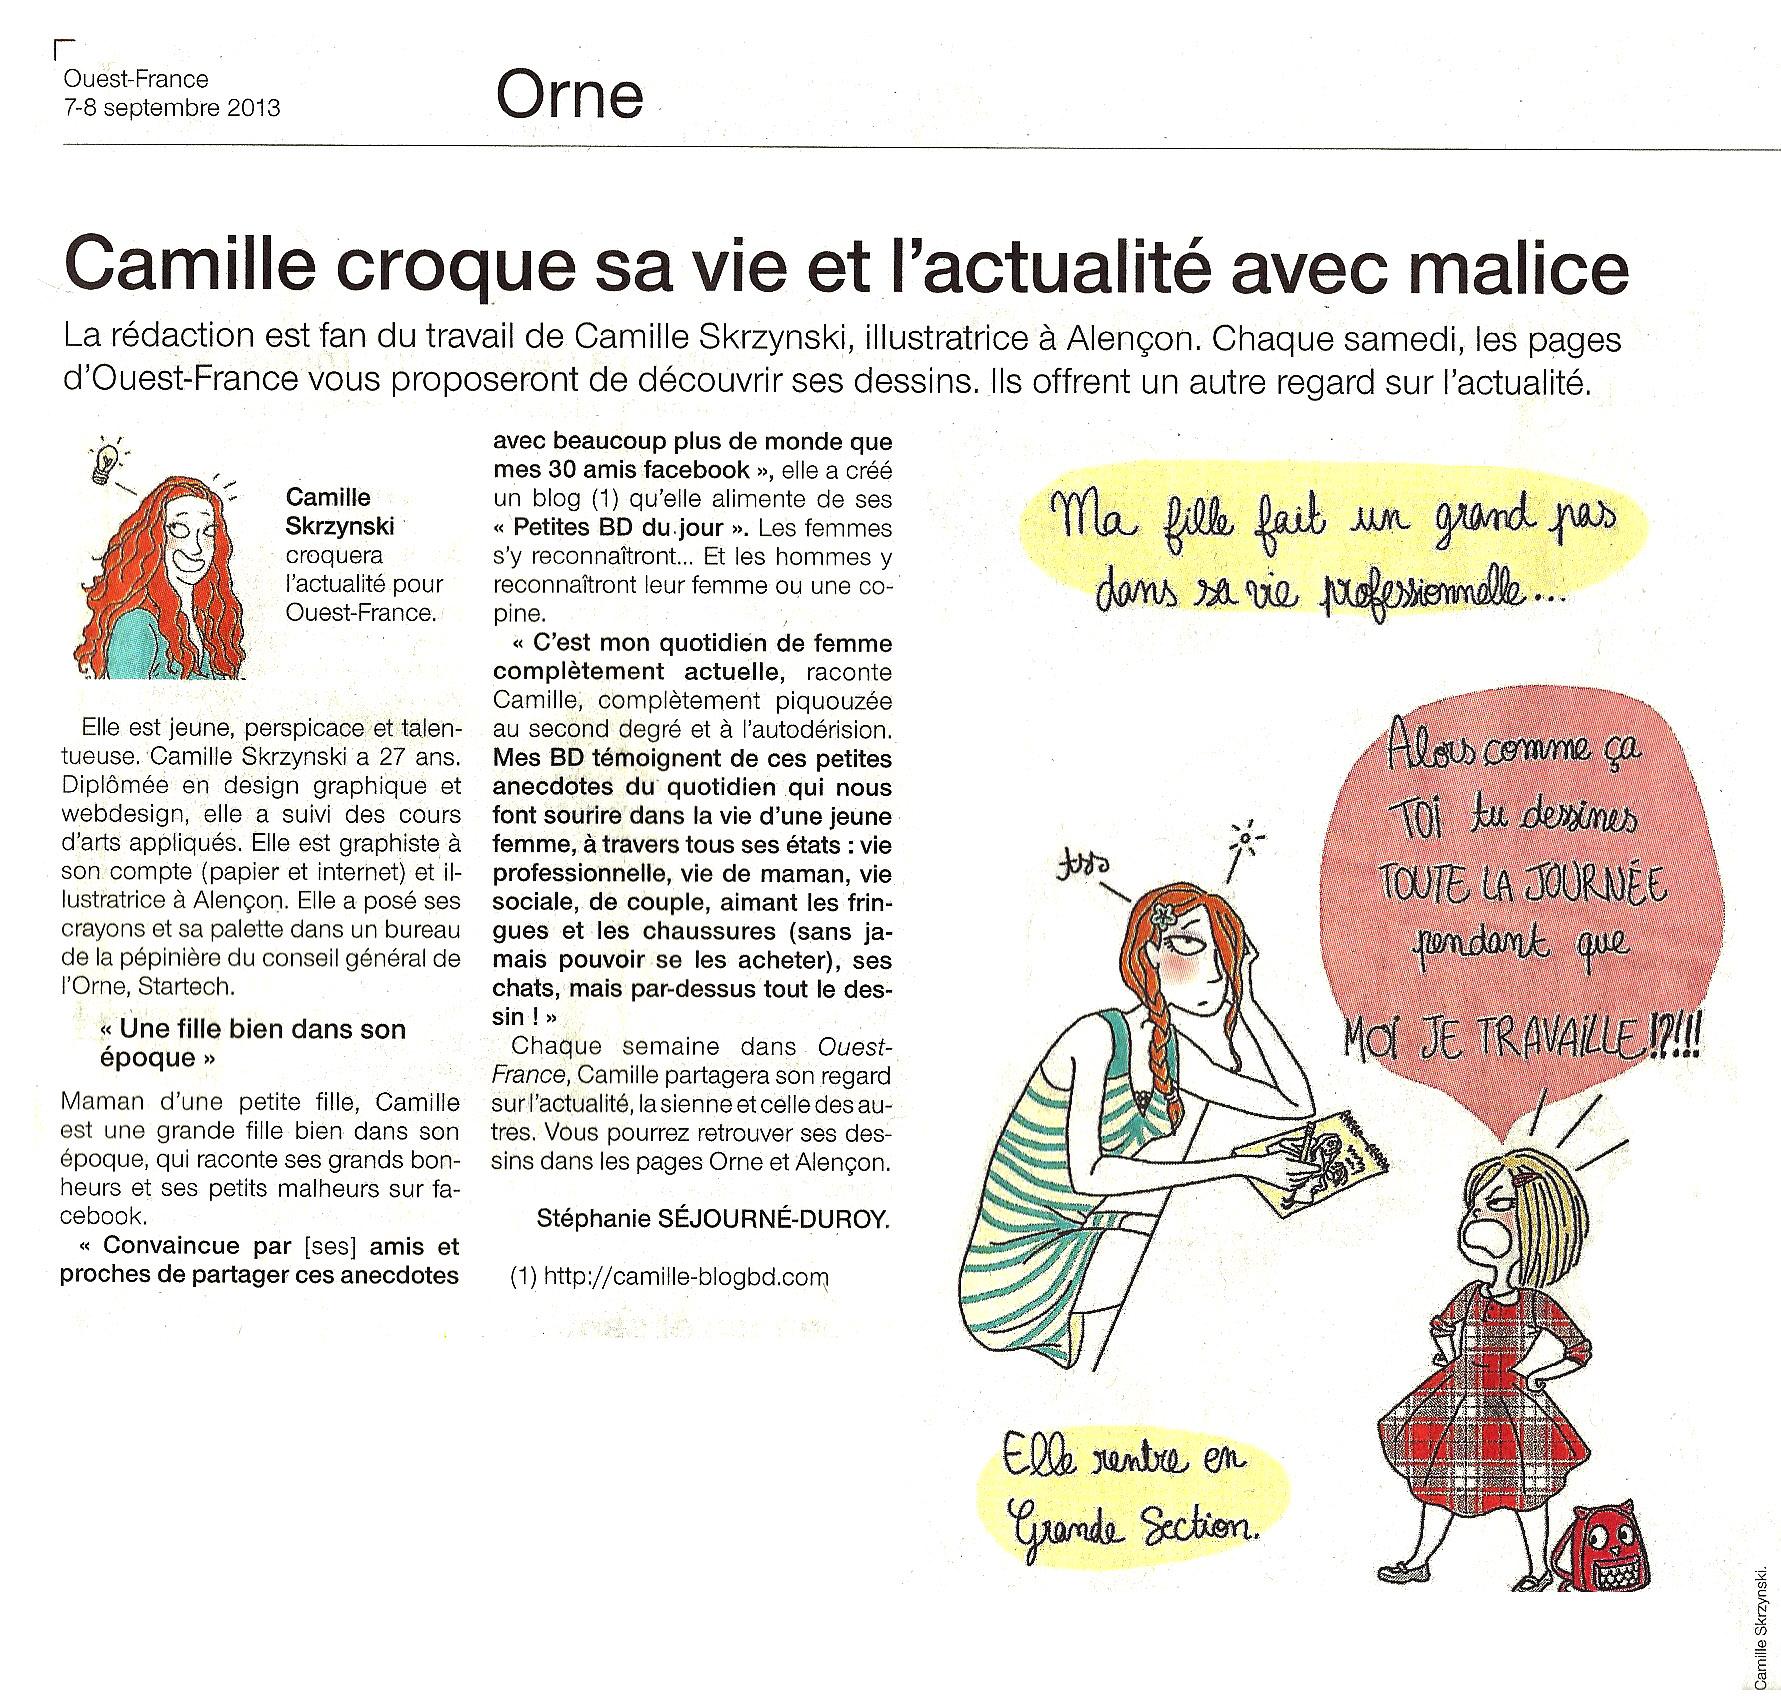 Les BD de Camille Skrzynski dans le OUest-France !